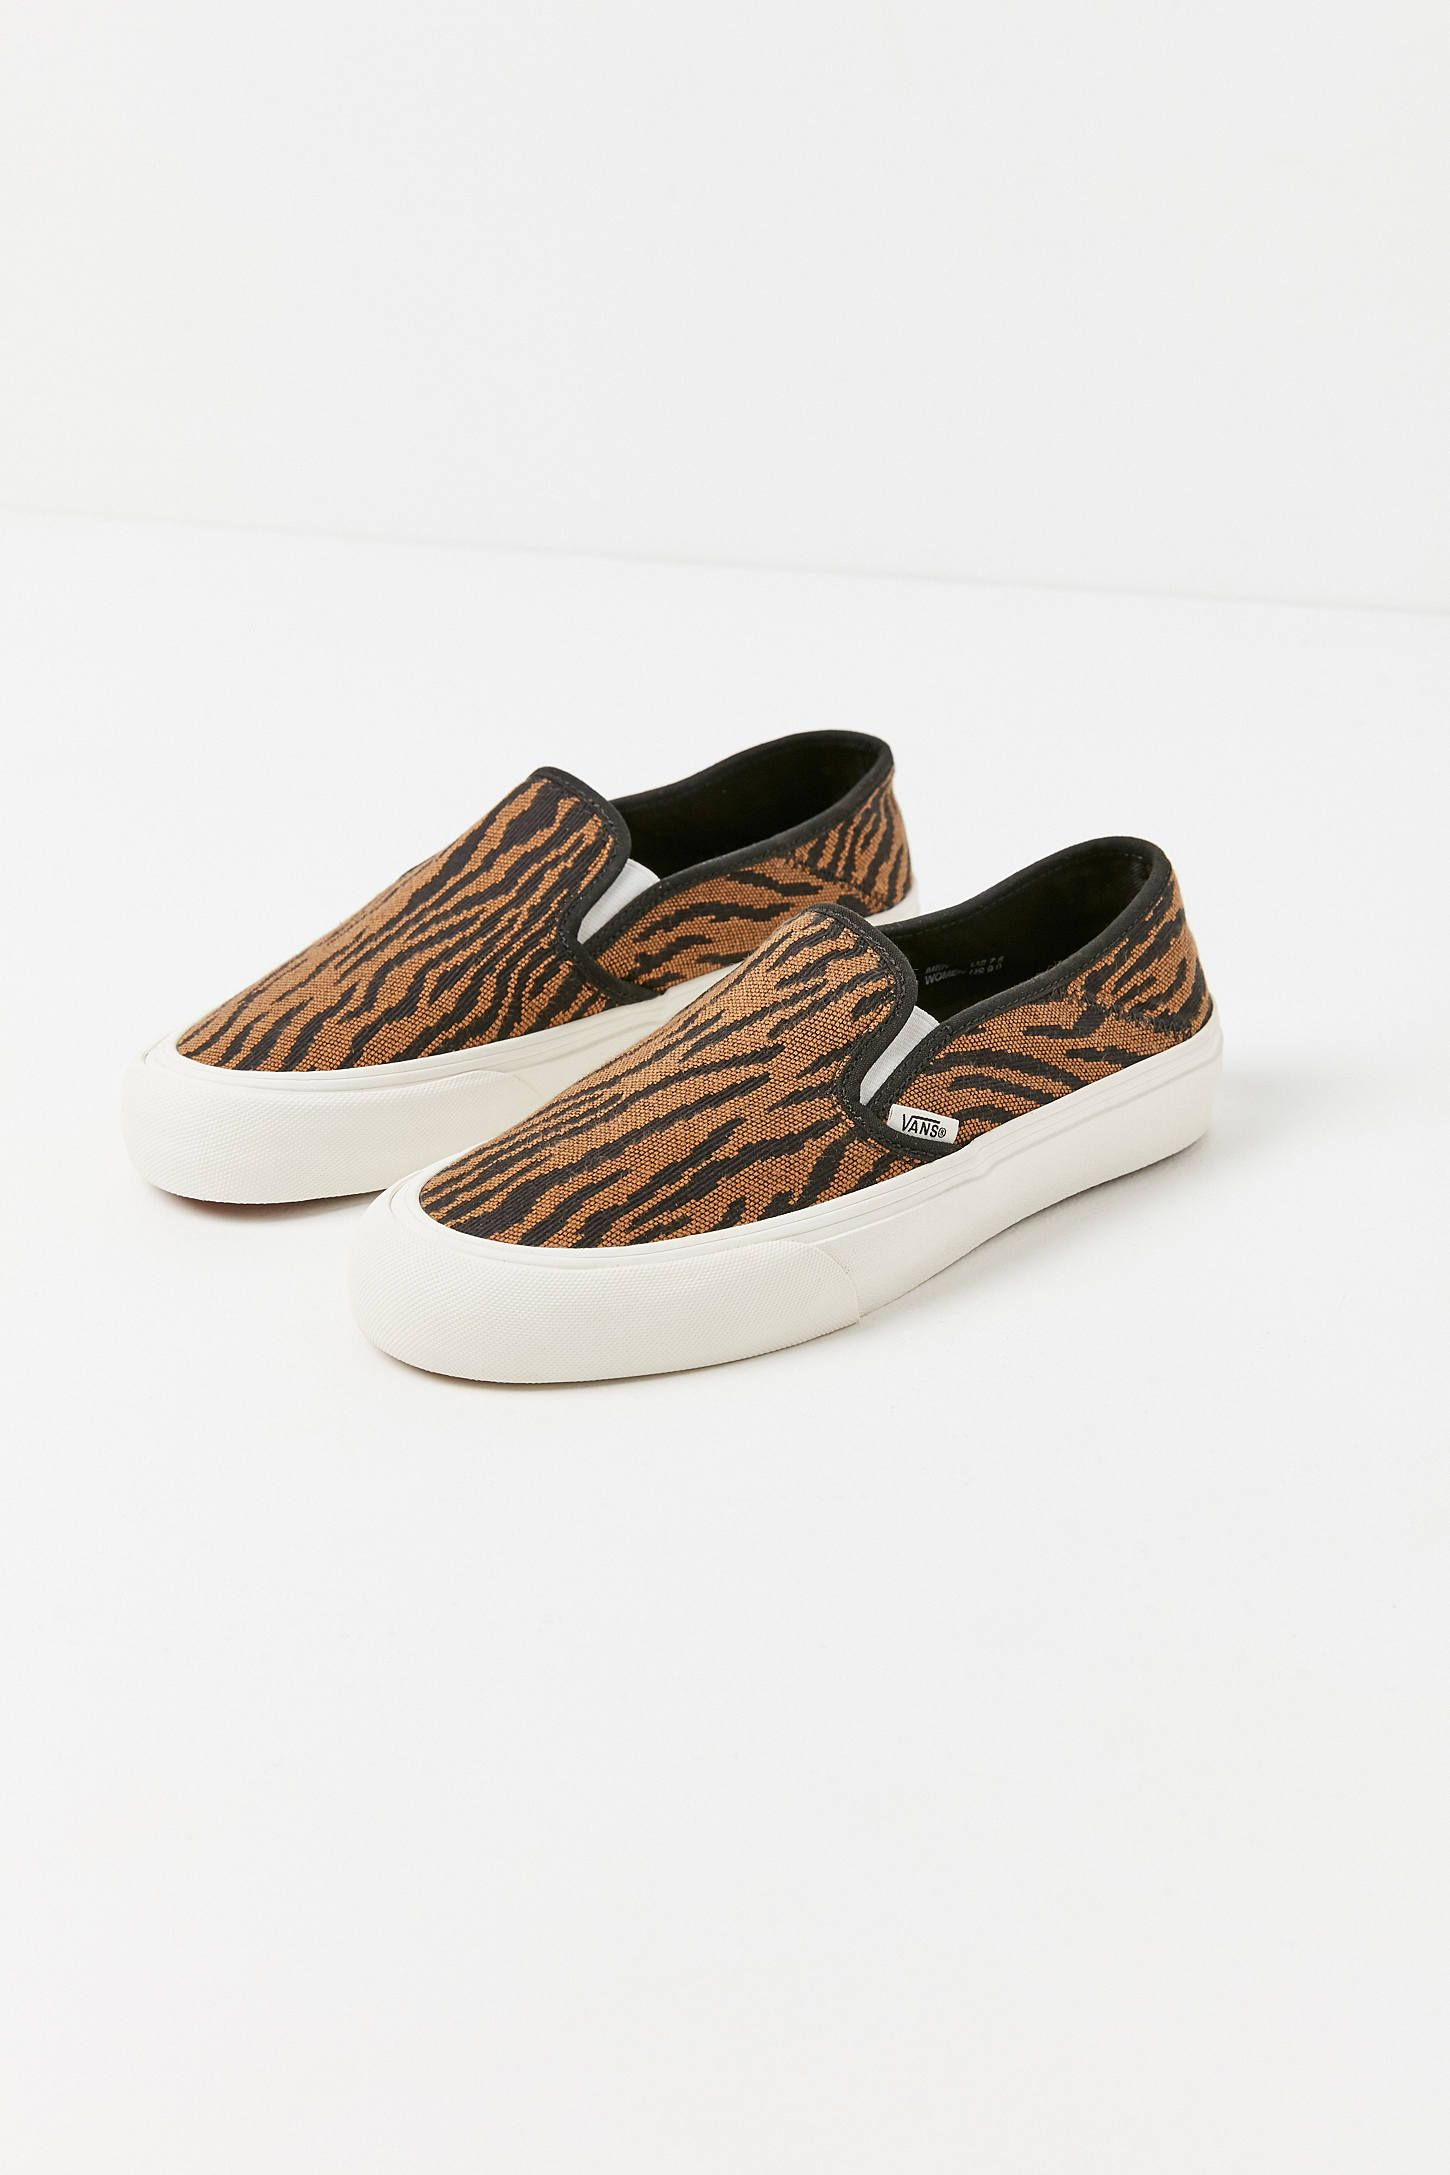 Vans Woven Tiger Slip-On Sneaker | Slip